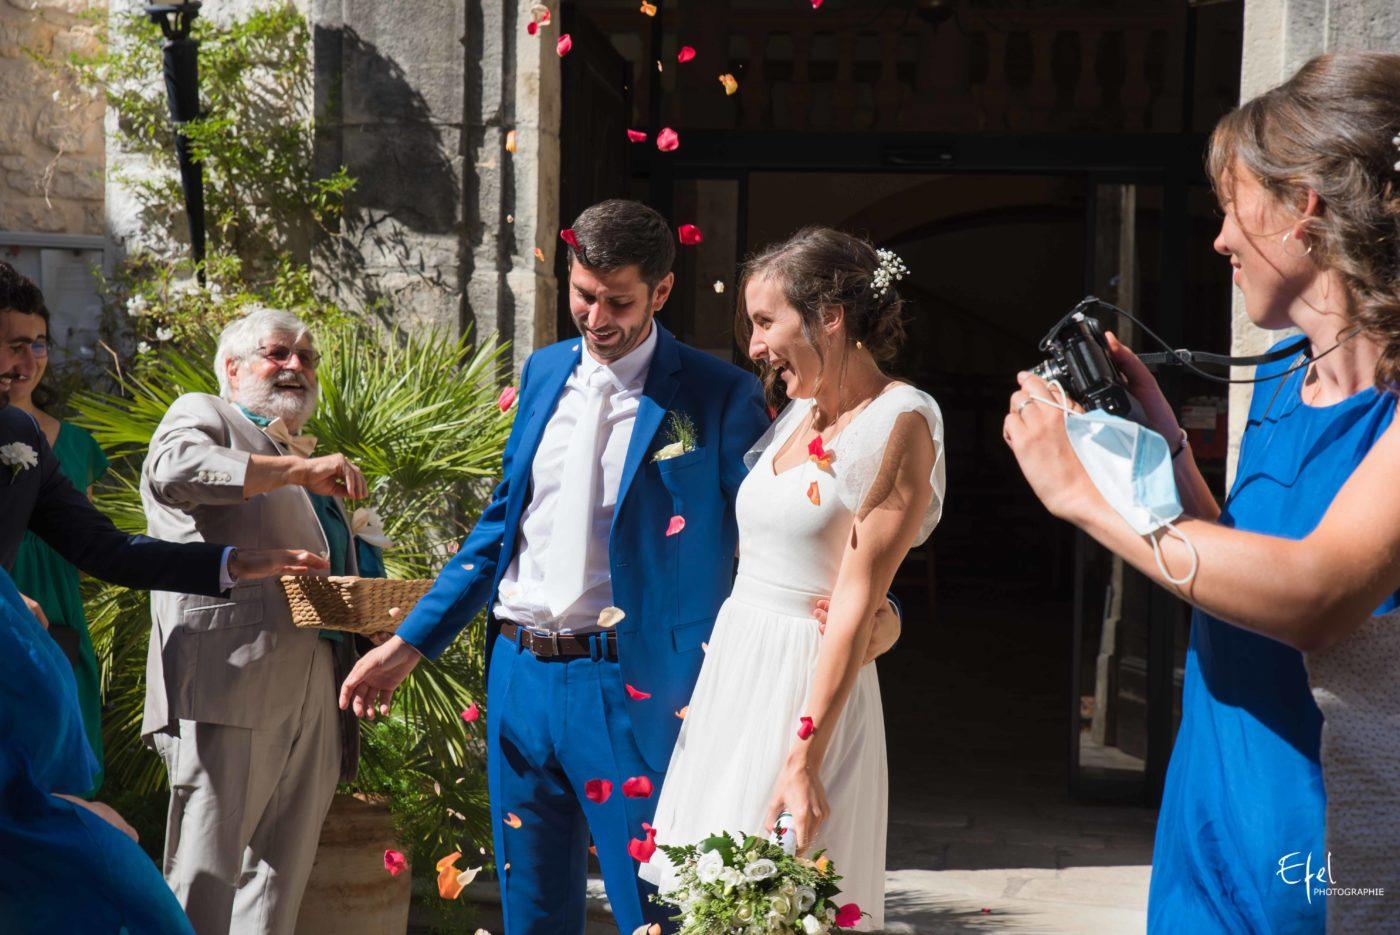 Sortie des mariés après la cérémonie civile avec des pétales de fleurs - reportage de mariage à Tourrettes-sur-Loup dans les alpes-maritimes